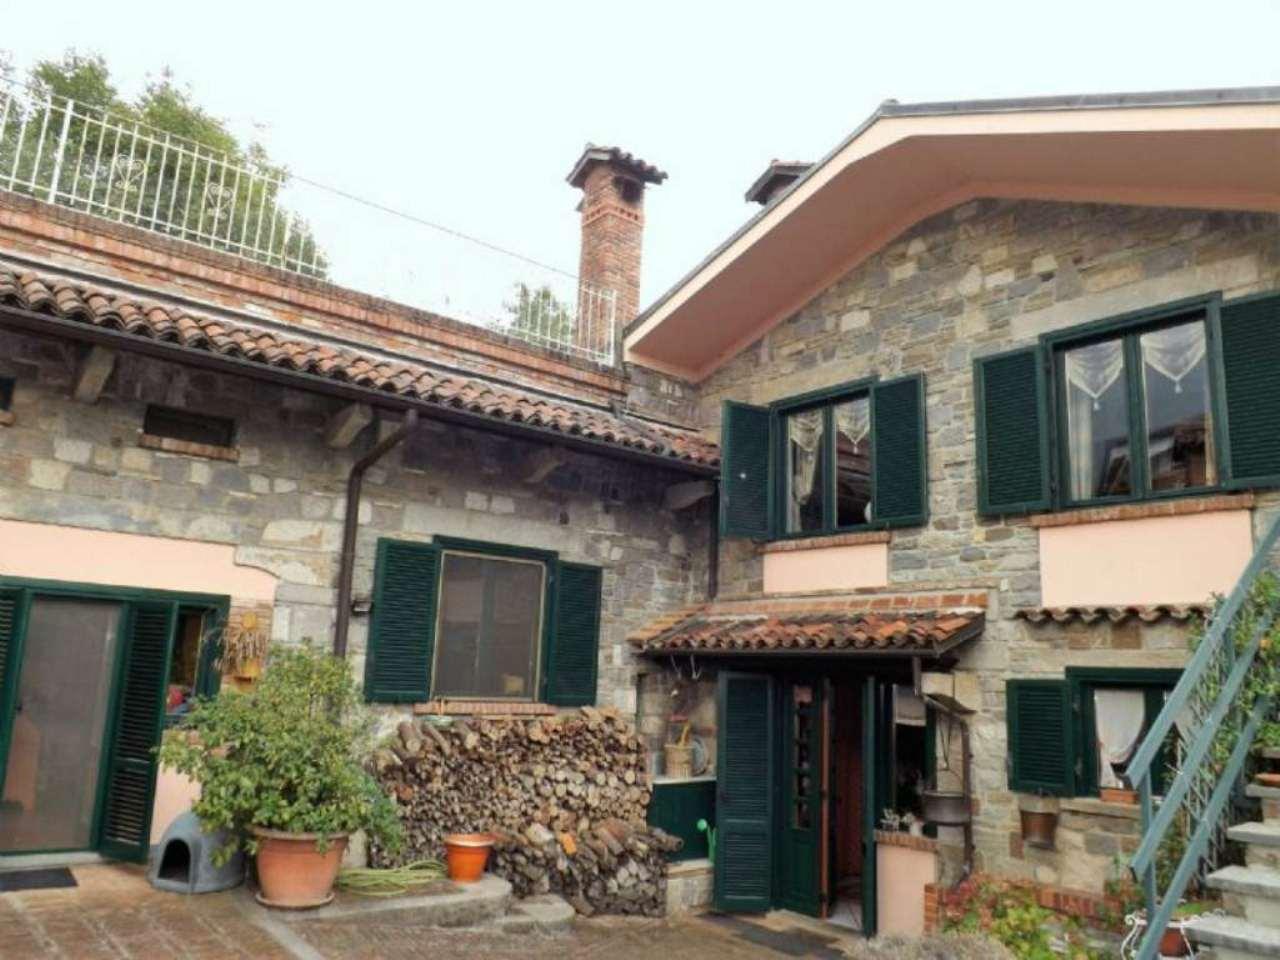 Soluzione Indipendente in vendita a Val della Torre, 7 locali, prezzo € 387.000 | Cambio Casa.it